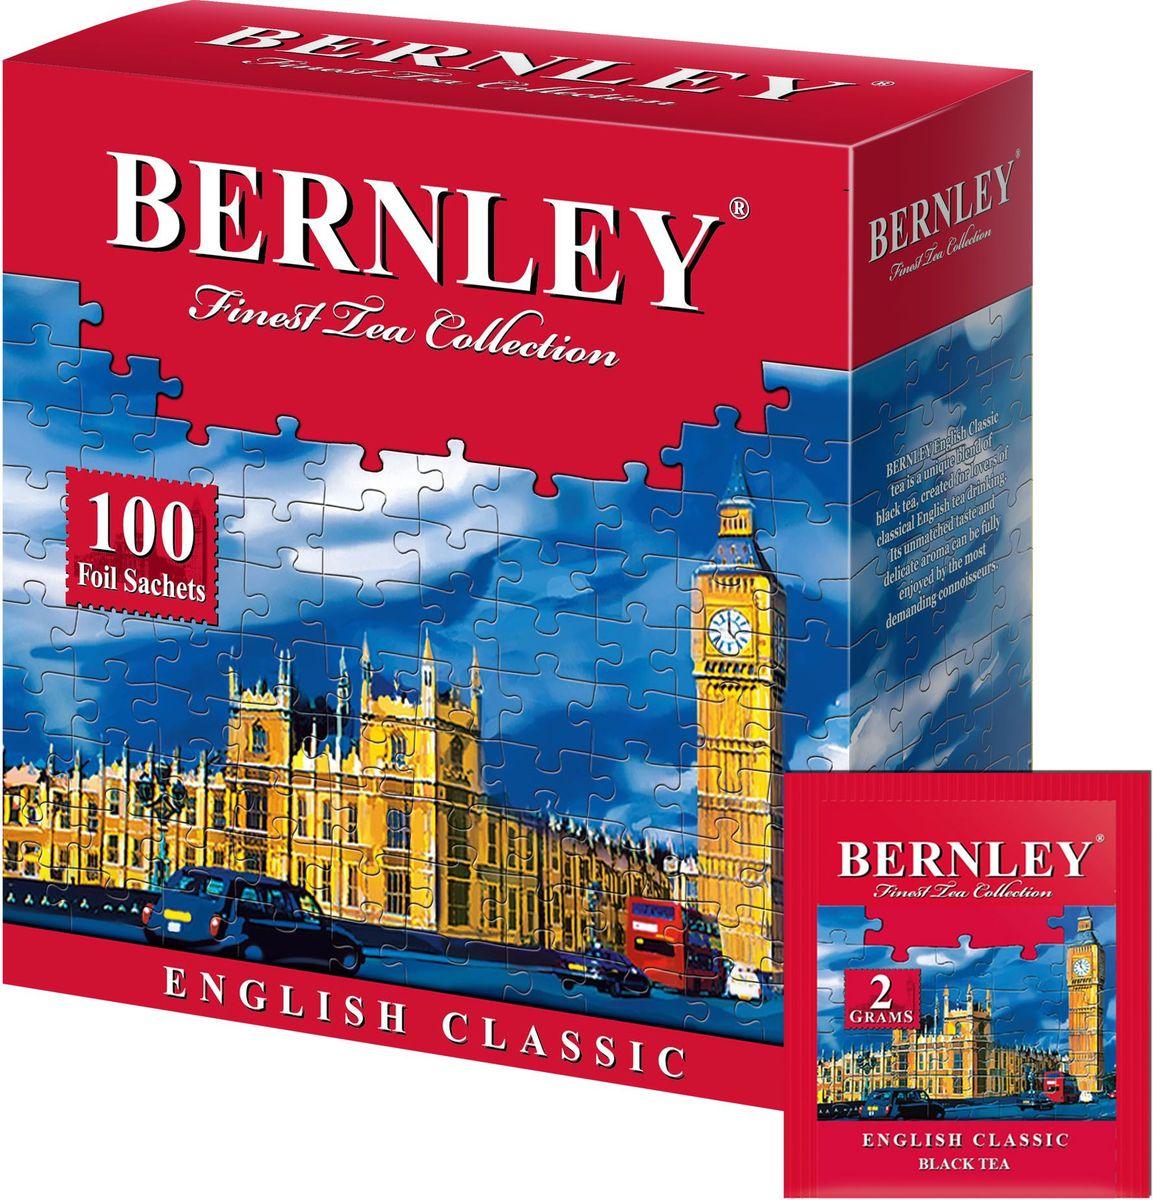 Bernley English Classic чай черный байховый мелкий в пакетиках, 100 шт1070129Чай Bernley English Classic в конвертах имеет терпкий вкус, отлично сбалансированный, с восхитительно утонченными оригинальными оттенками. Быстро восстанавливает силы, повышает жизненный тонус. Подходит для чаепития в любое время суток.